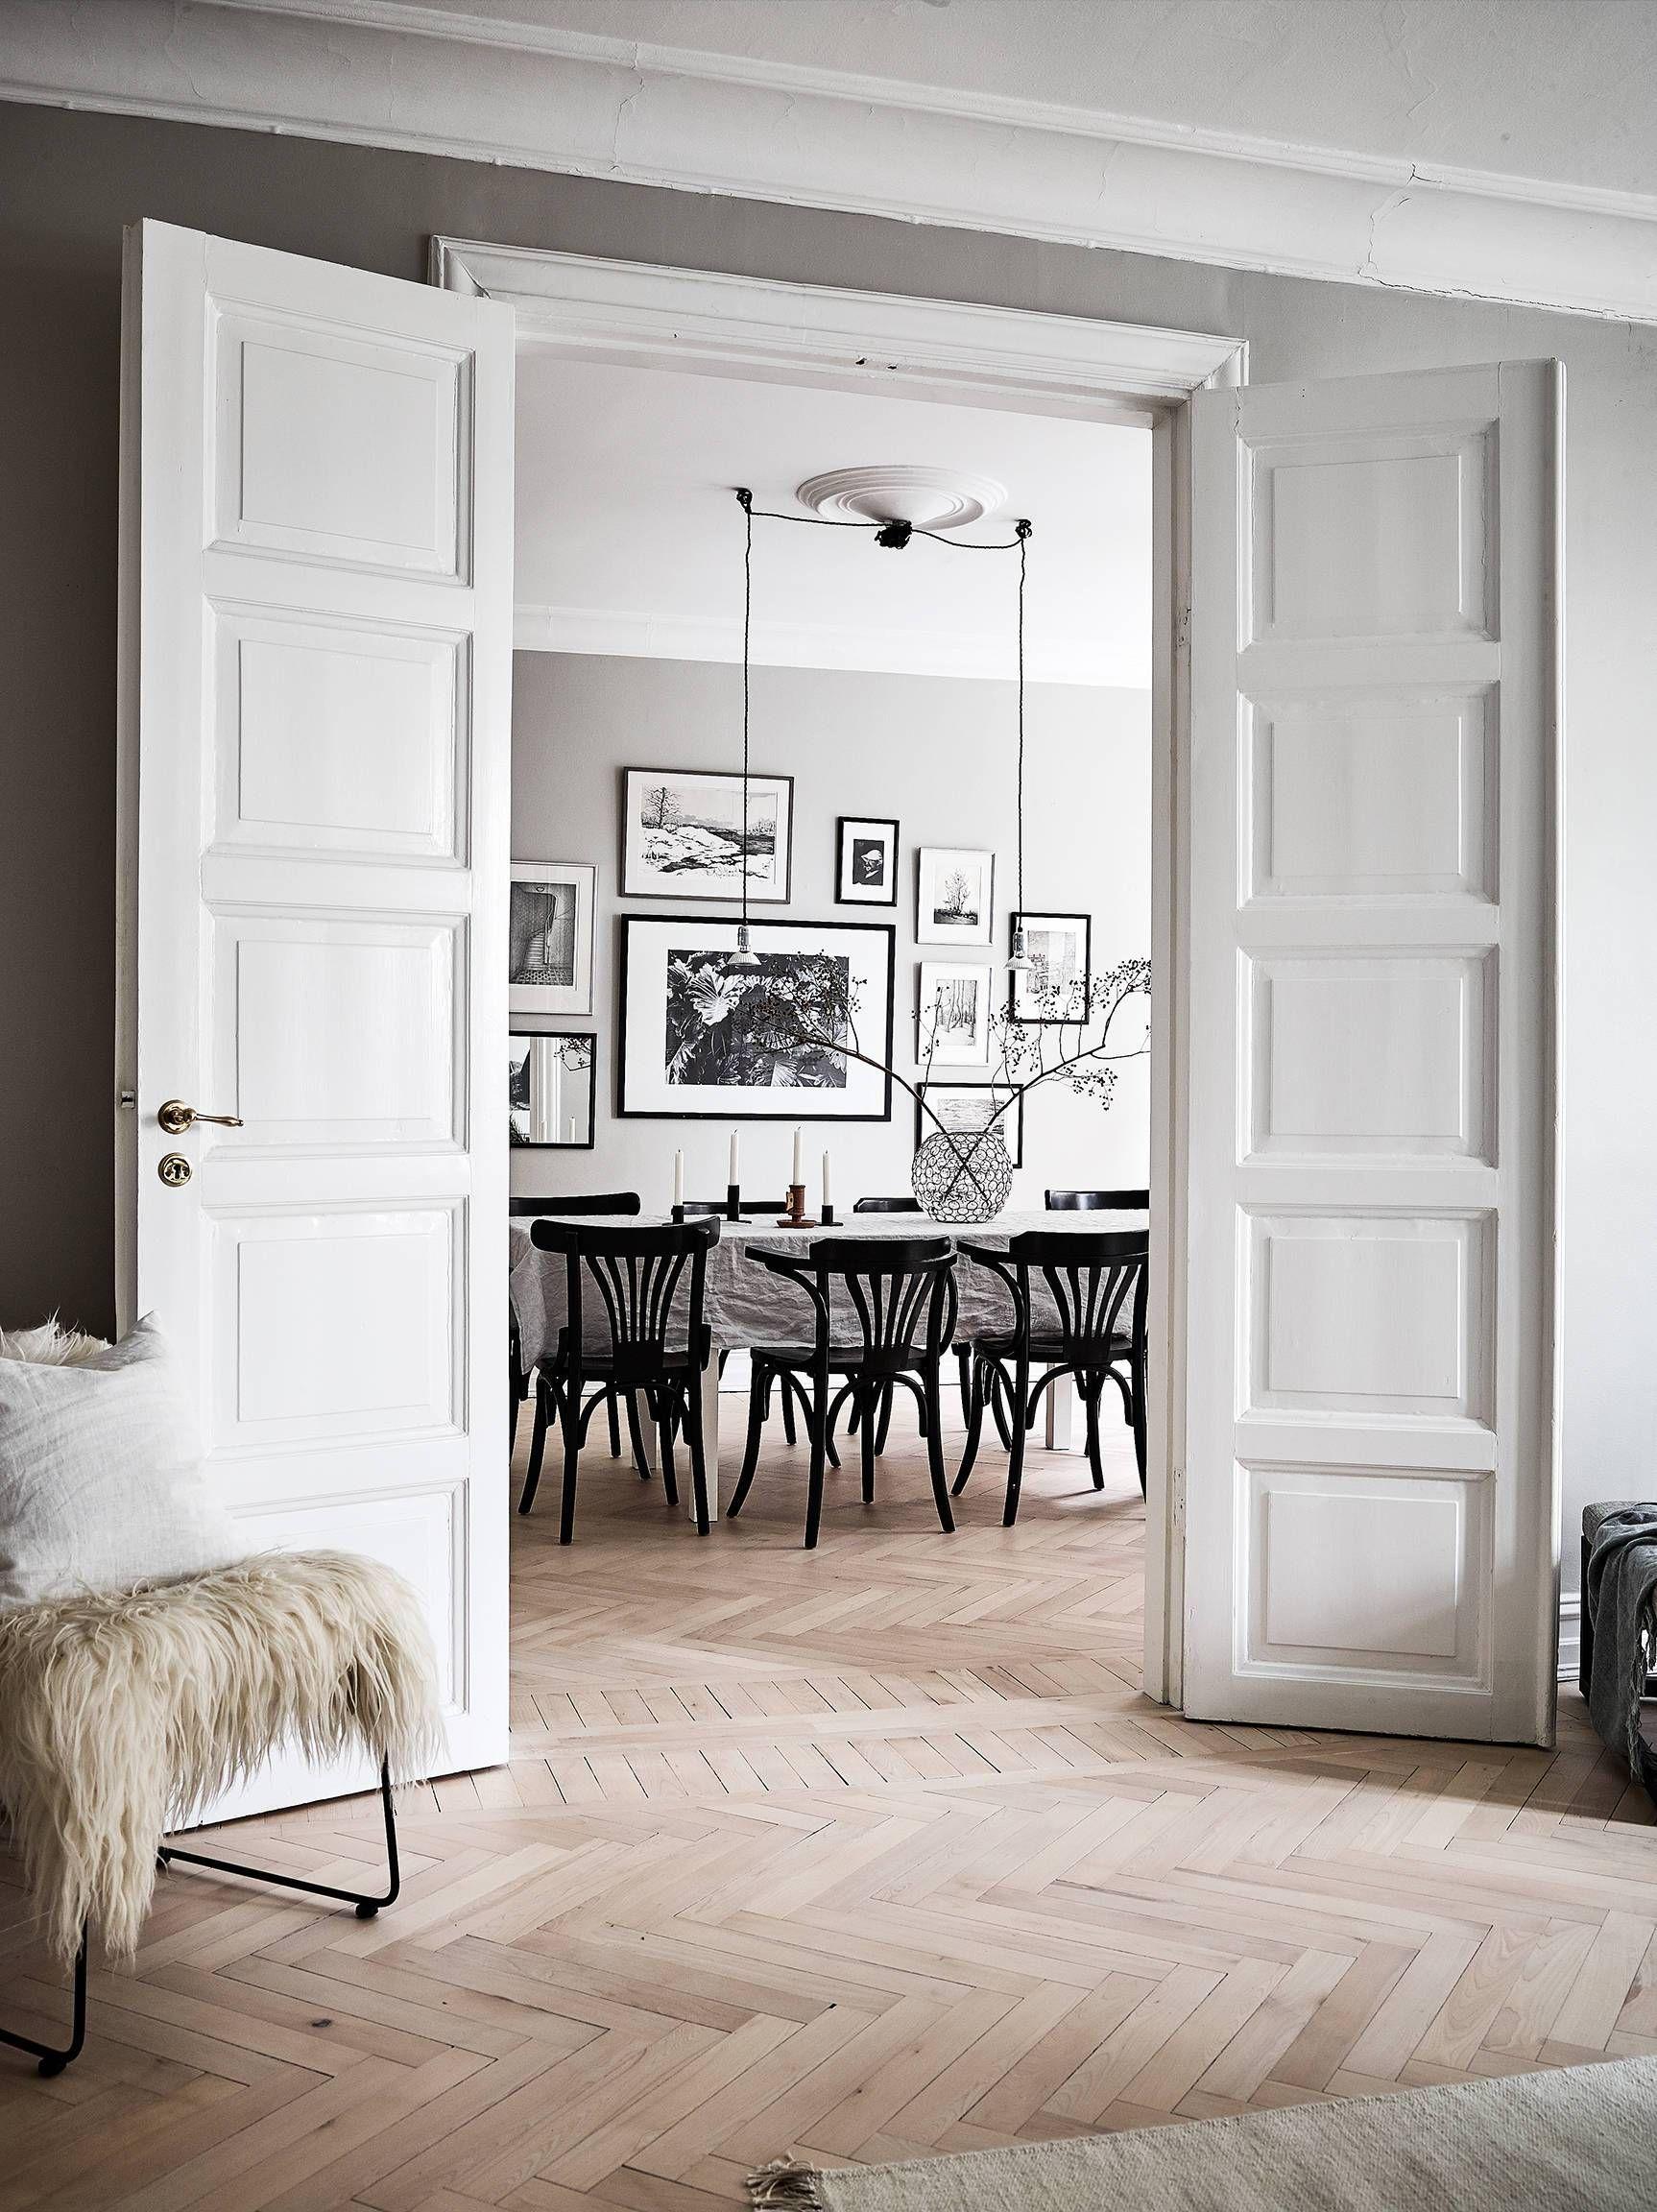 Paredes grises y carpinter a blanca miliv paredes for Pintura satinada blanca para puertas